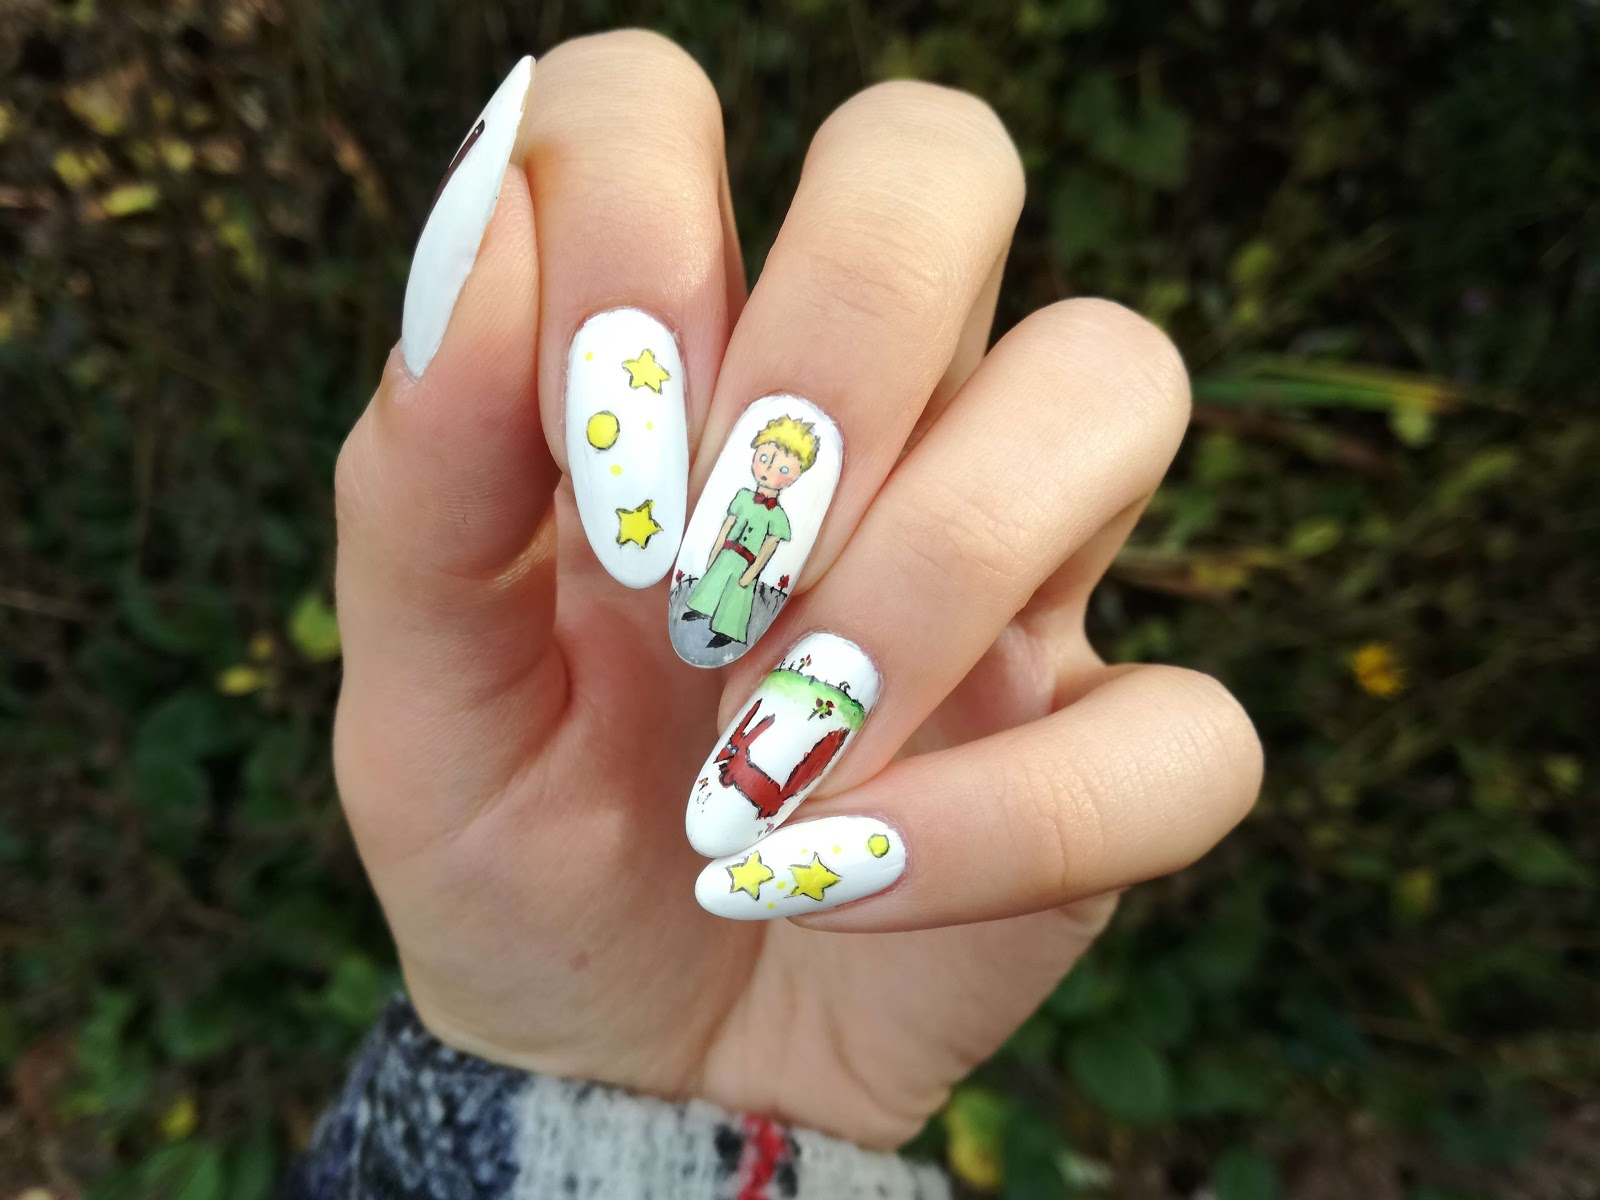 paznokcie z małym księciem